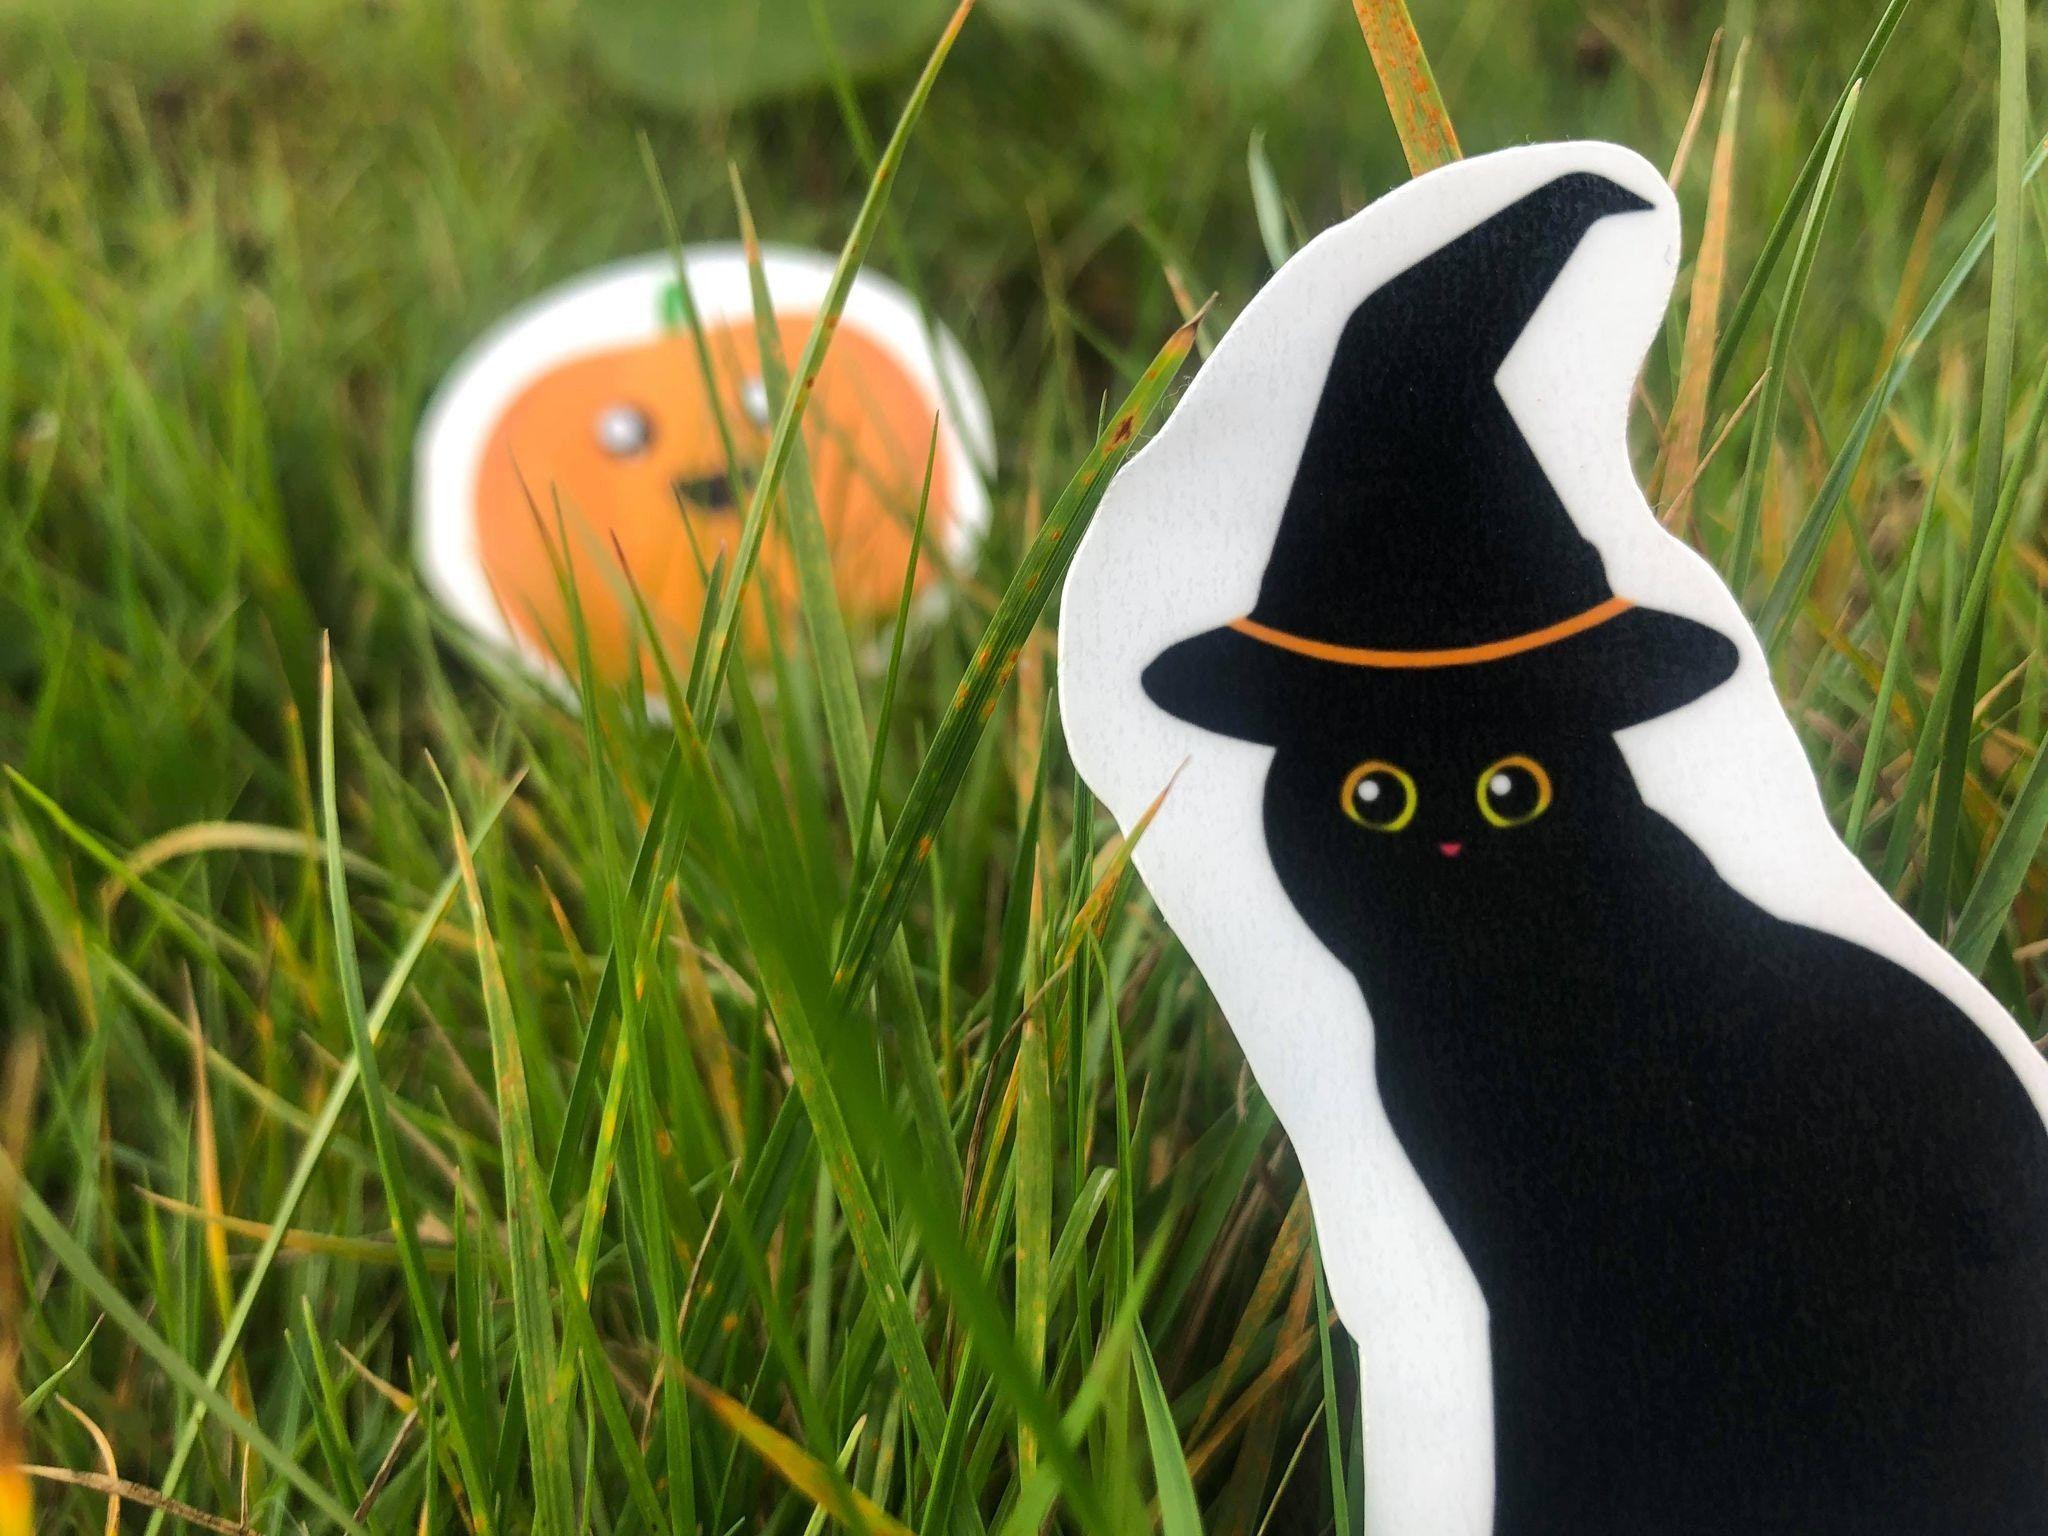 Witch Kitty sticker , Halloween Vinyl Sticker, Medieval Sticker, Horror Sticker, Halloween stickers, water resistant stickers #DndFantasyDecal #KittySticker #GothEmoPunkDecal #BlackVinylSticker #BlackAnimalSticker #WitchWizardHatCat #HalloweenWitchCat #AdorableAnimal #GothicSpookyPet #MediumSizeSticker